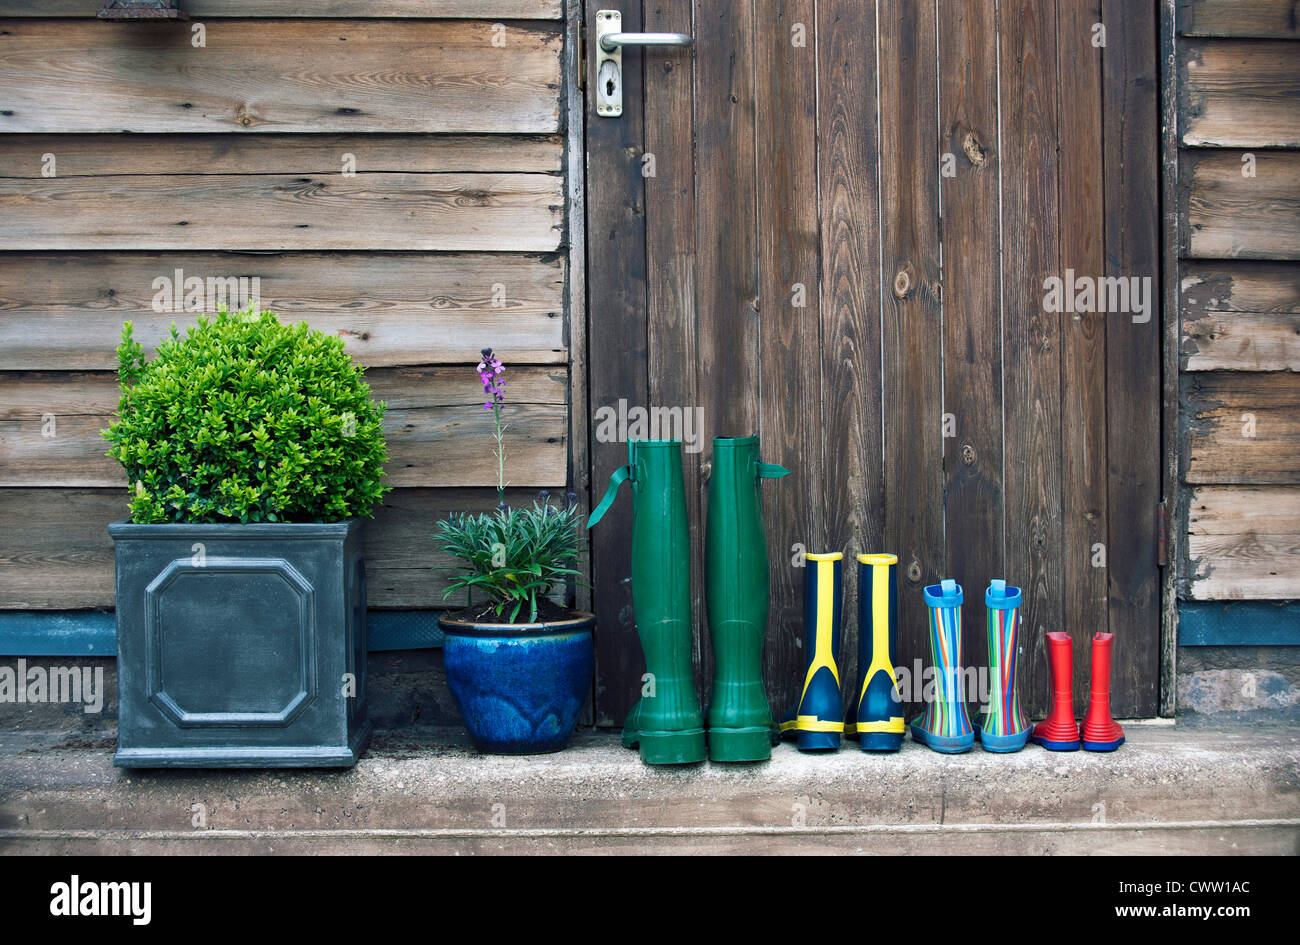 Gummistiefel und Pflanzen auf Veranda Stockbild